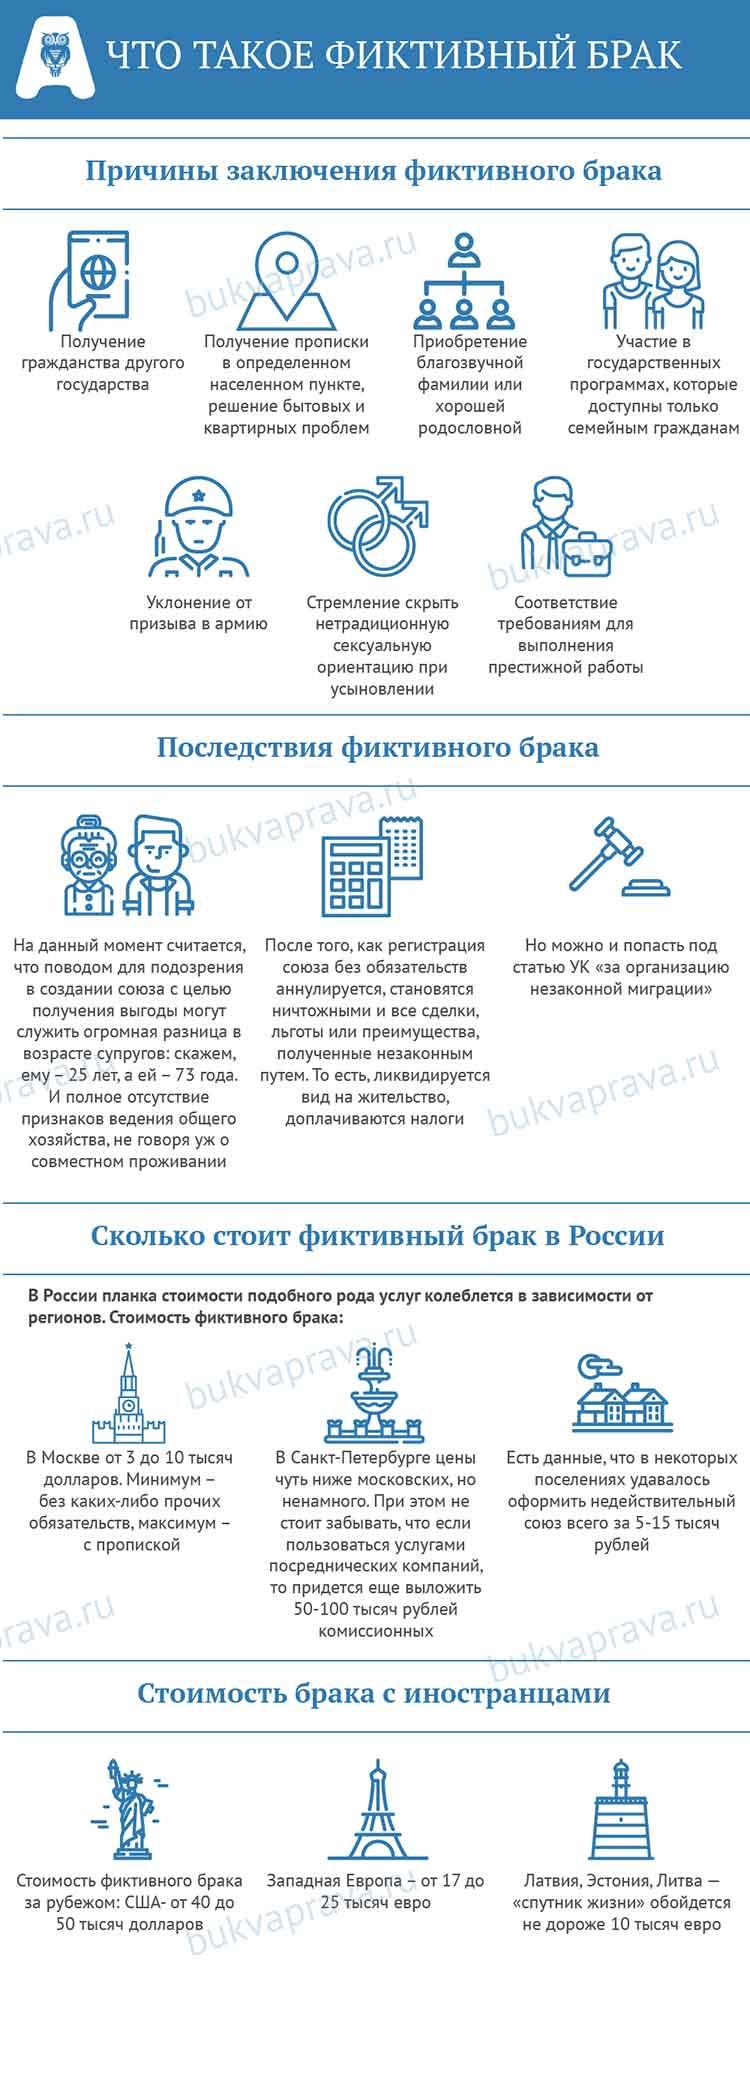 Что такое фиктивный брак: последствия фиктивного брака в россии